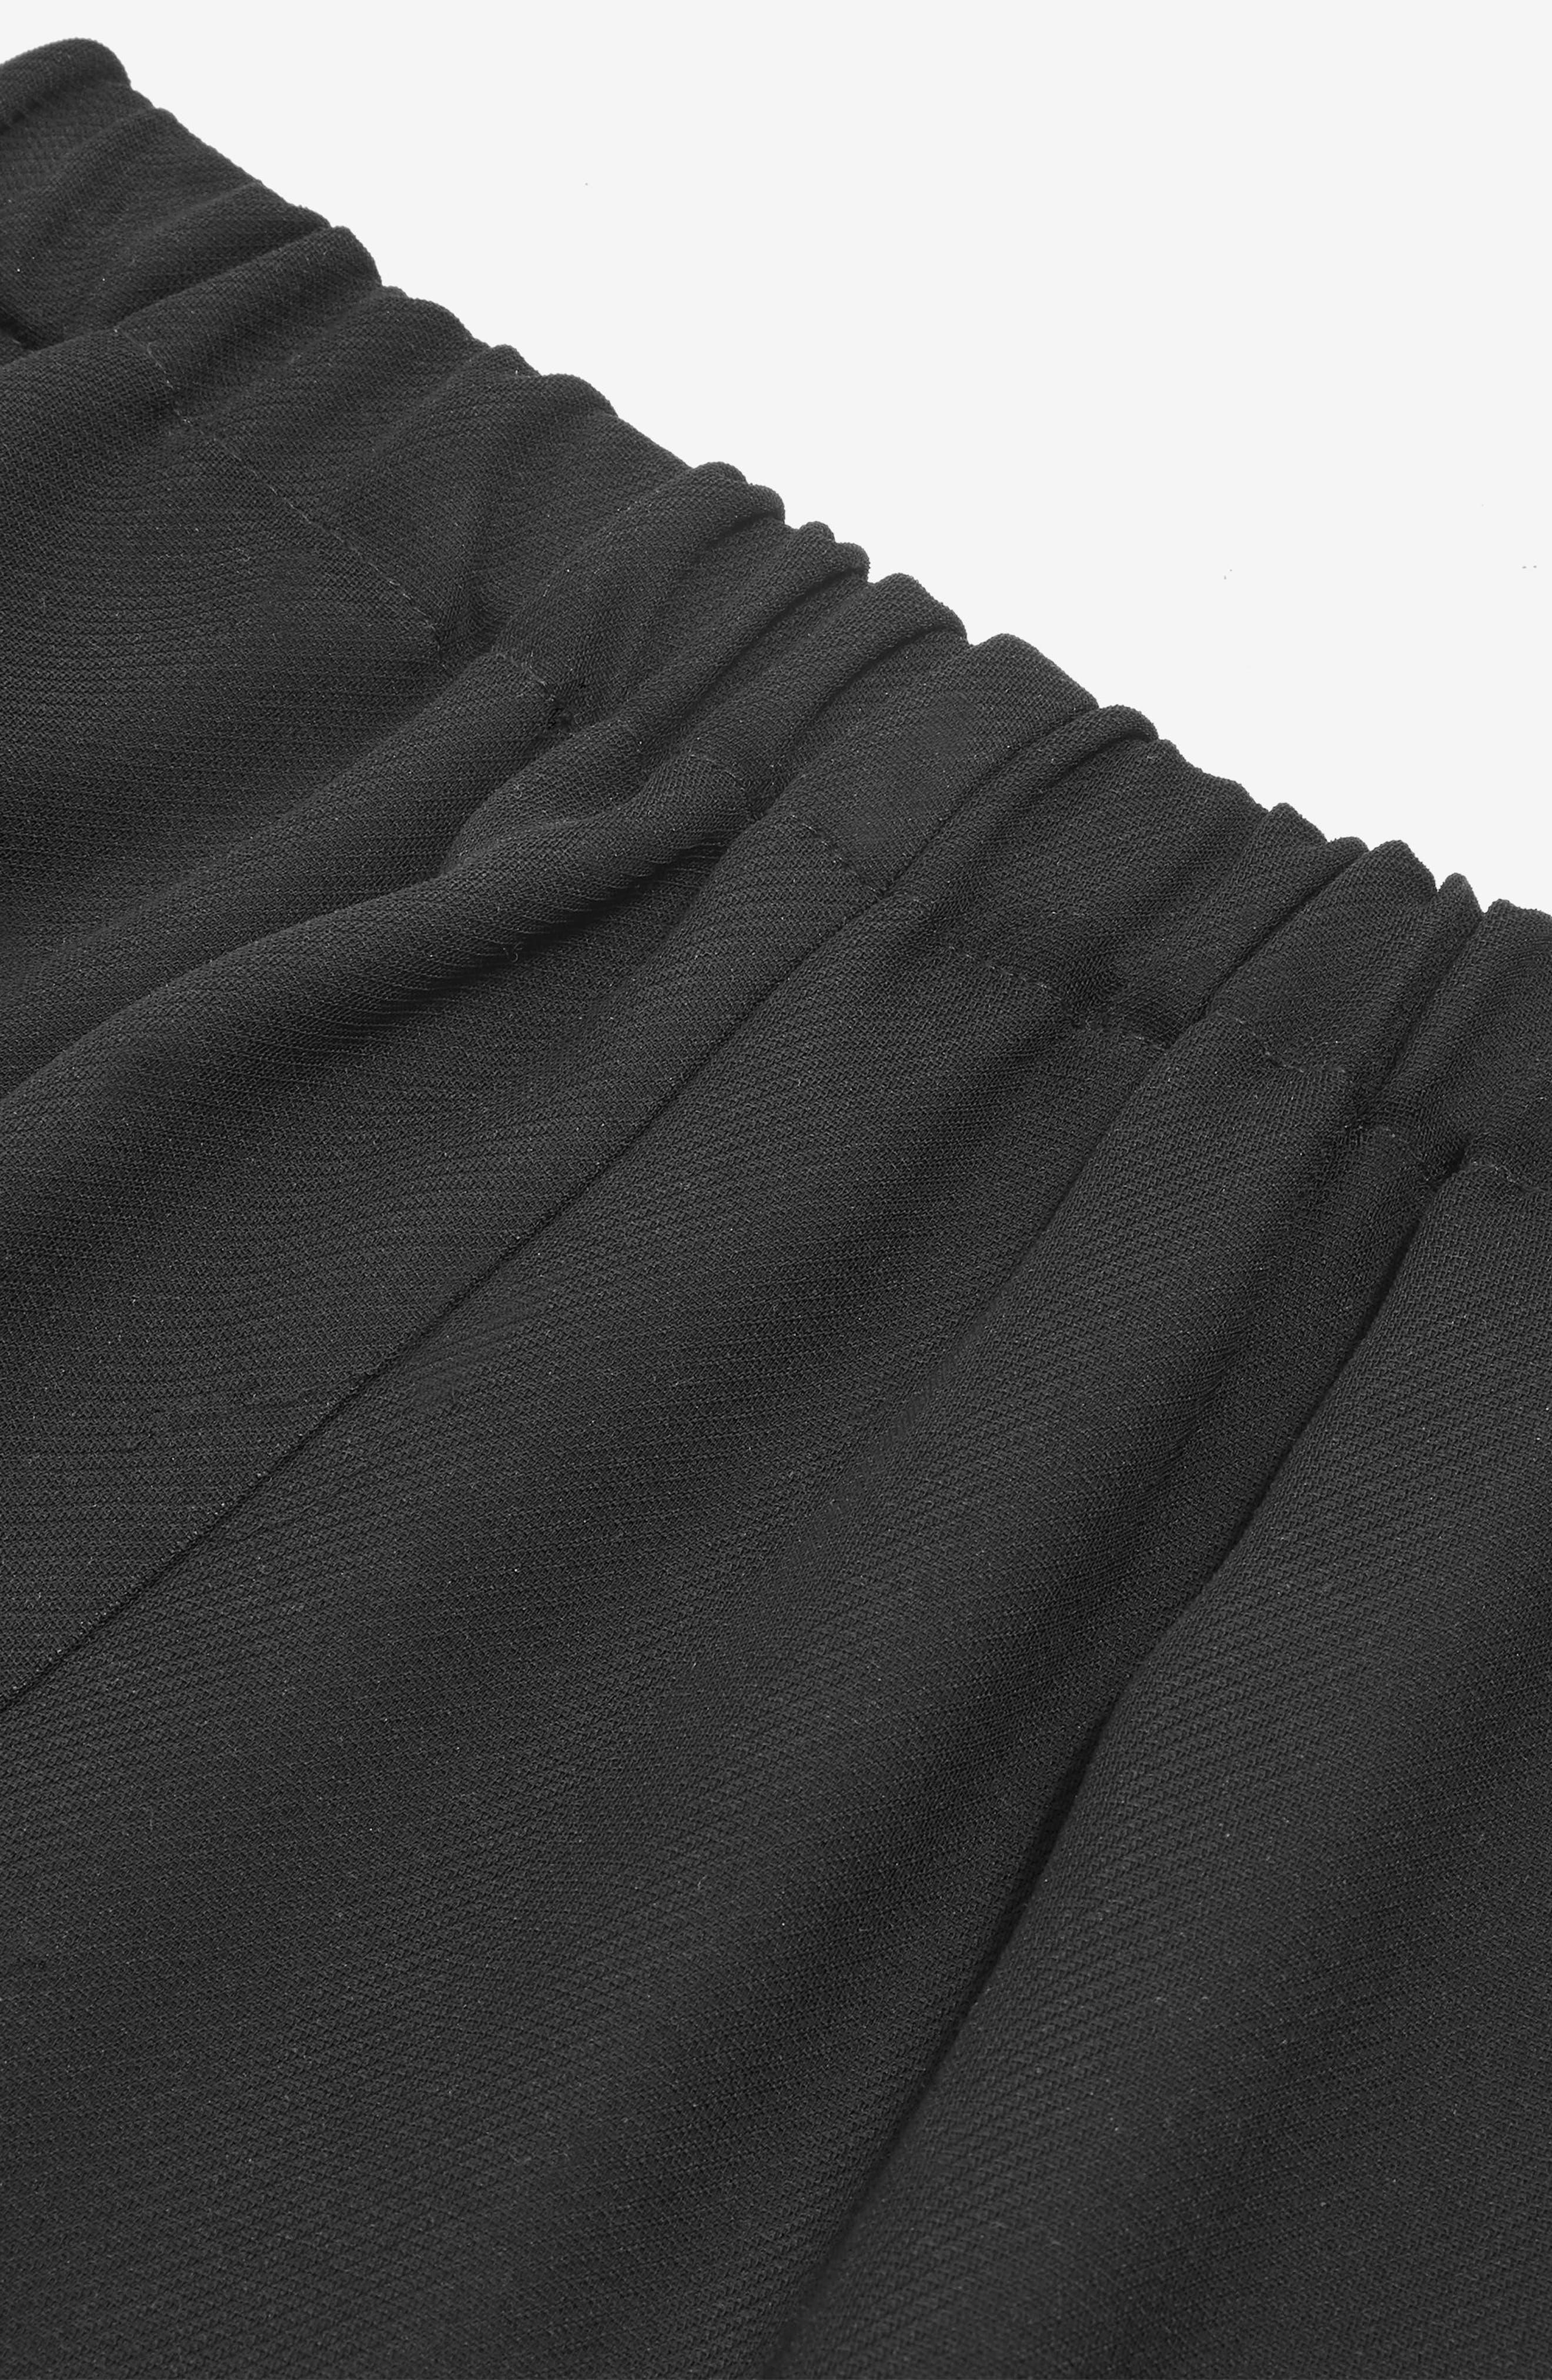 Drawcord Jogger Pants,                             Alternate thumbnail 4, color,                             Black